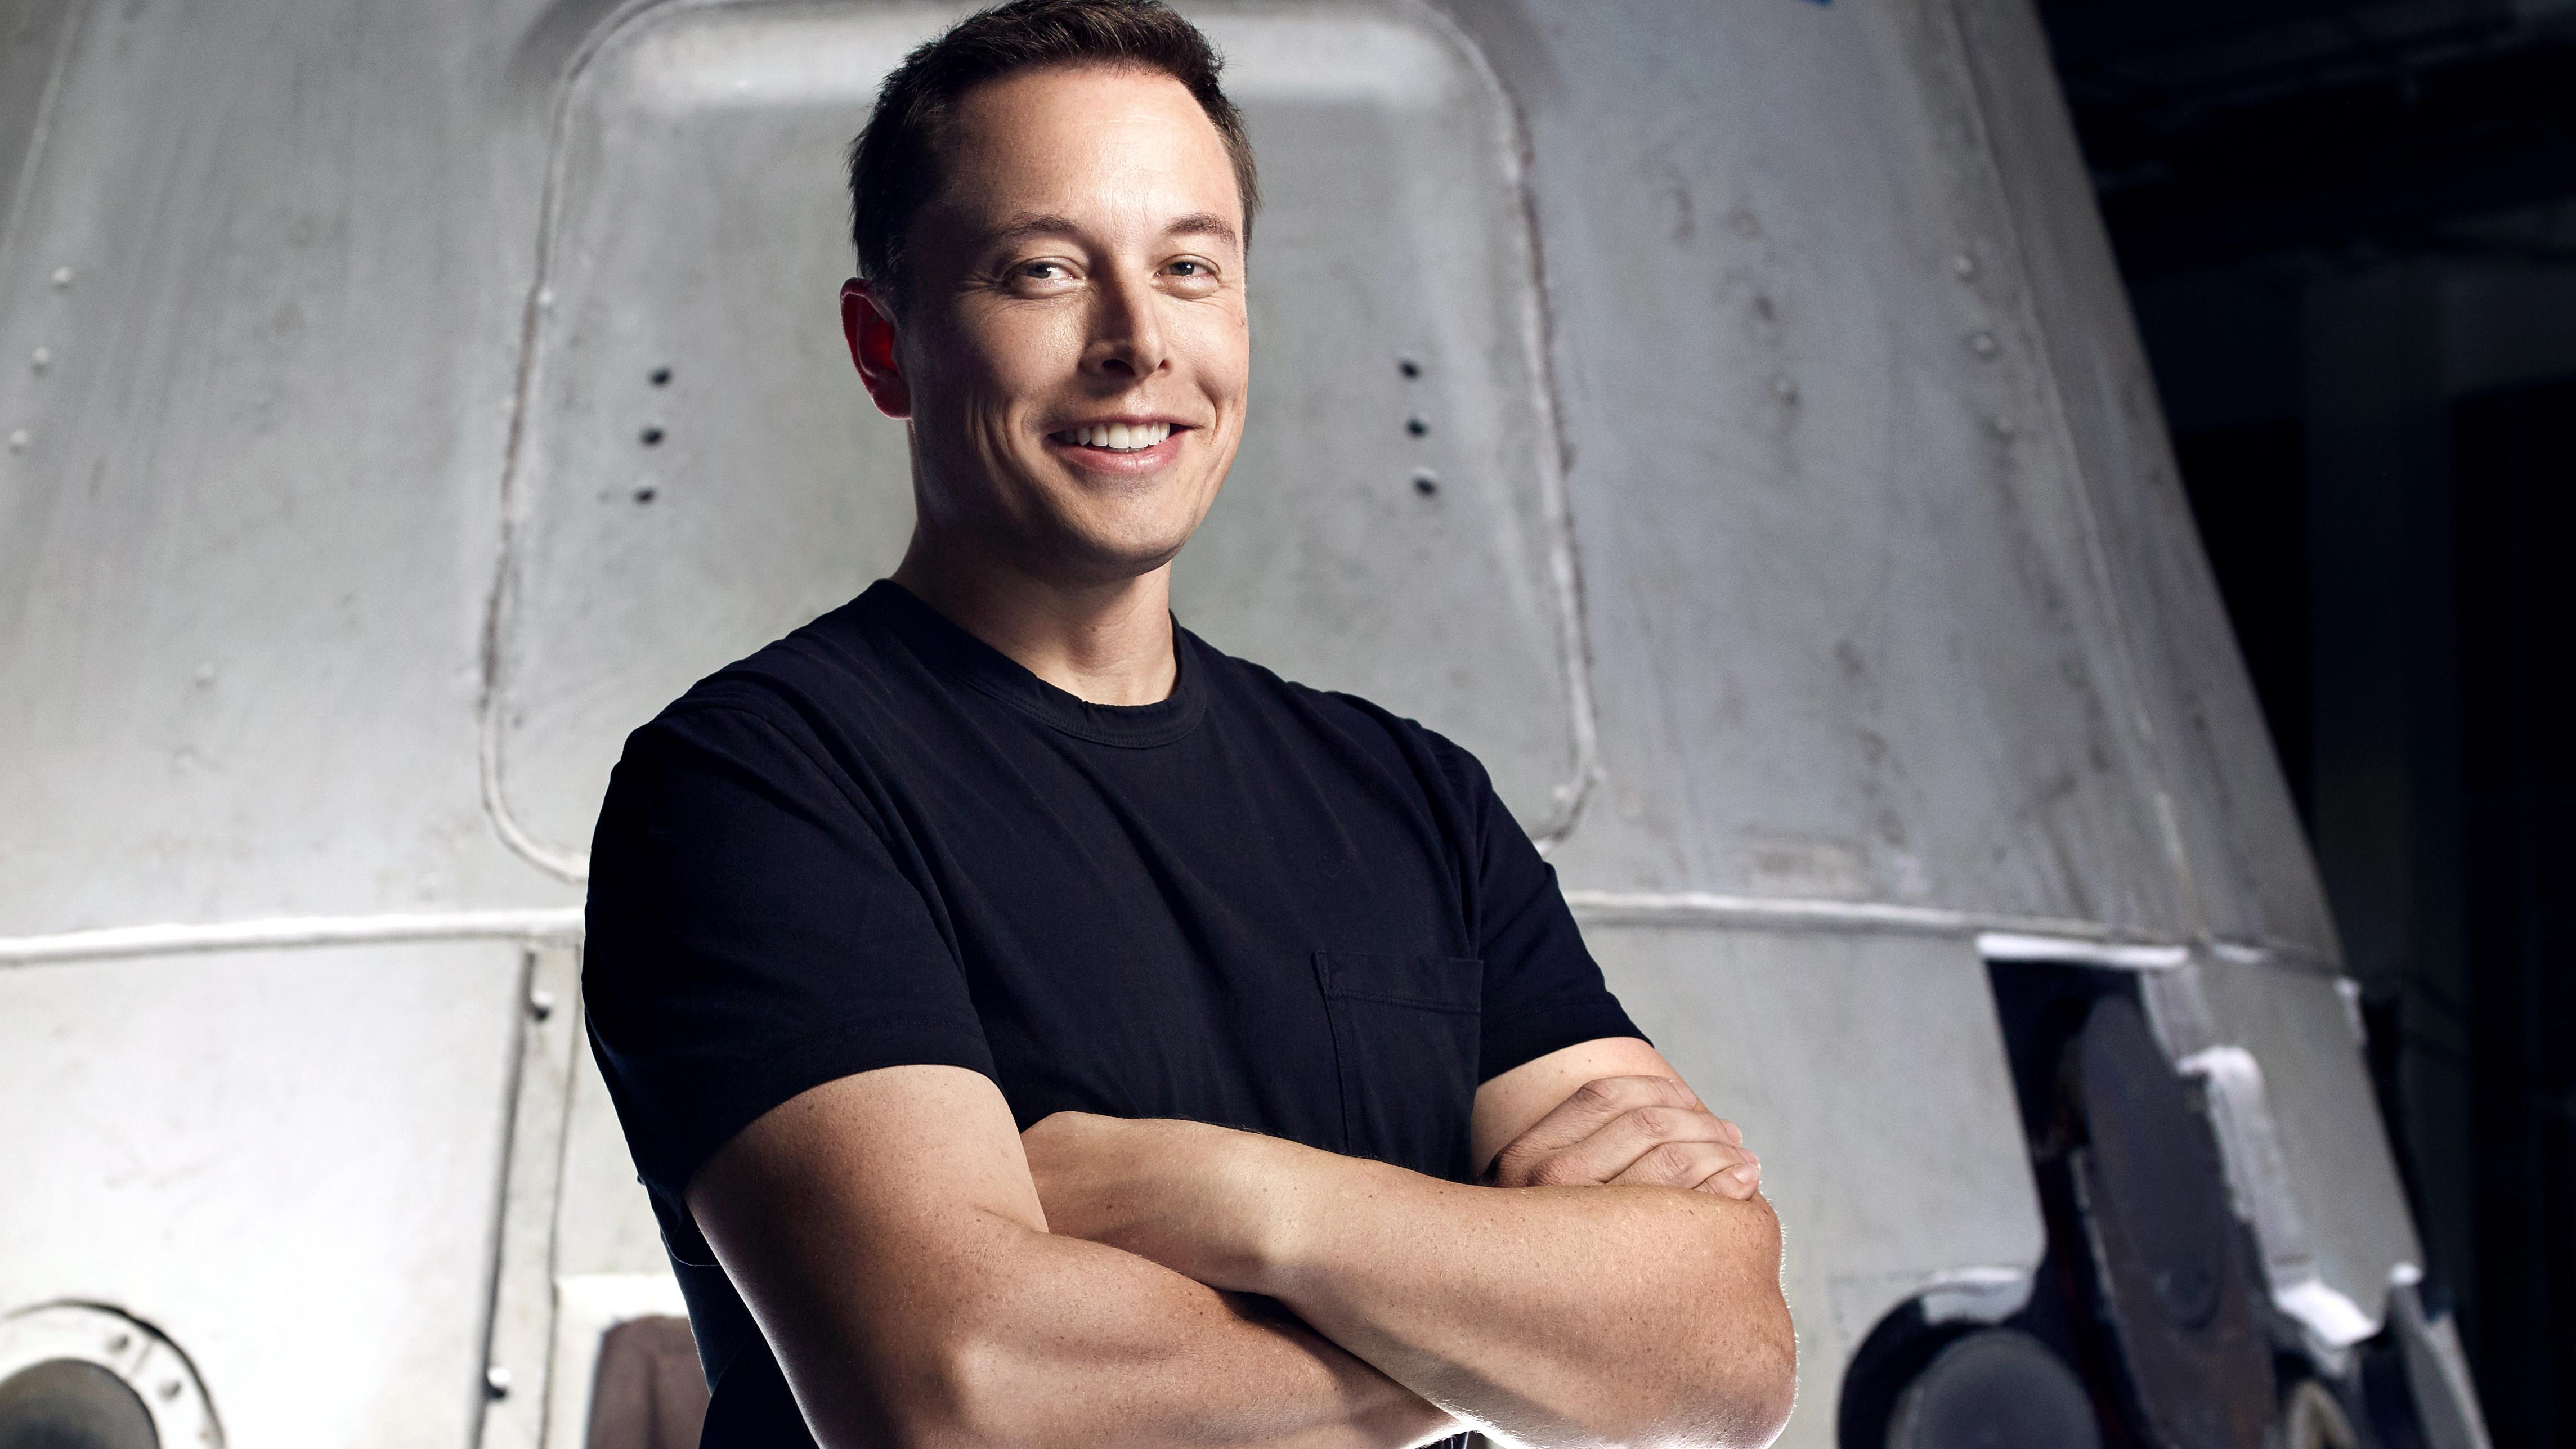 Elon Musk 4k Hd Celebrities 4k Wallpapers Images